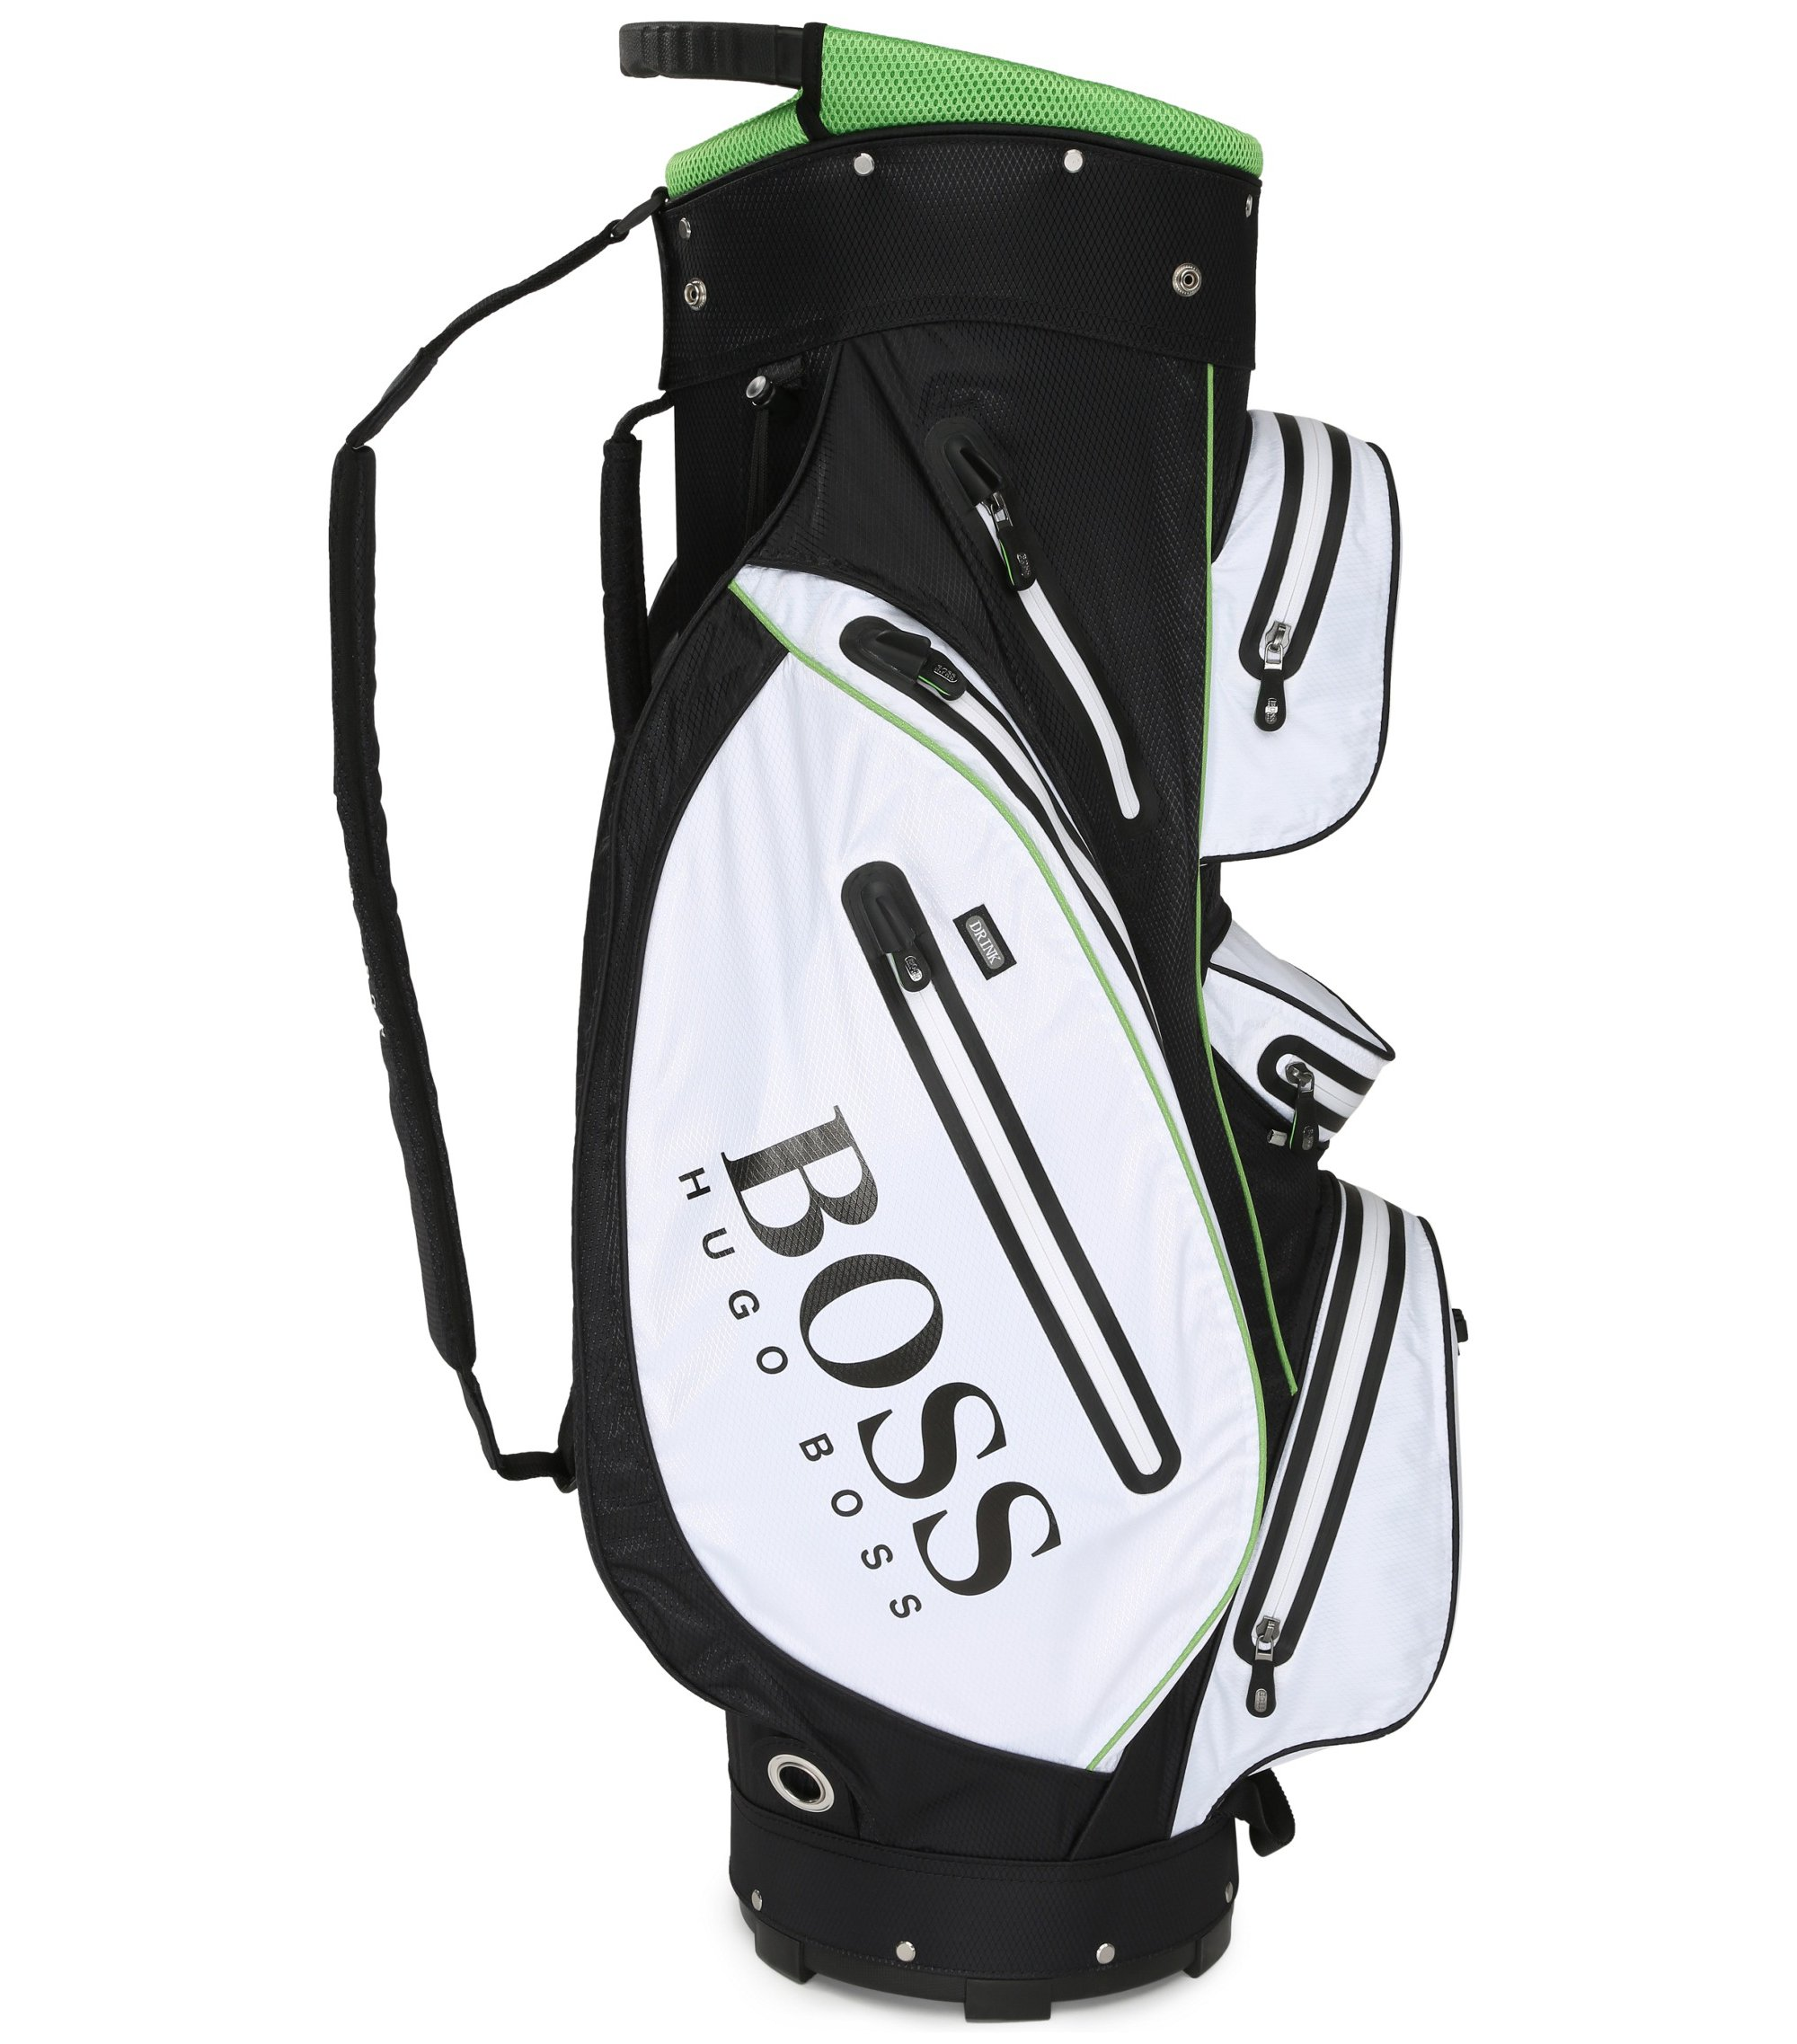 Borsa da golf in tessuto tecnico resistente, Nero